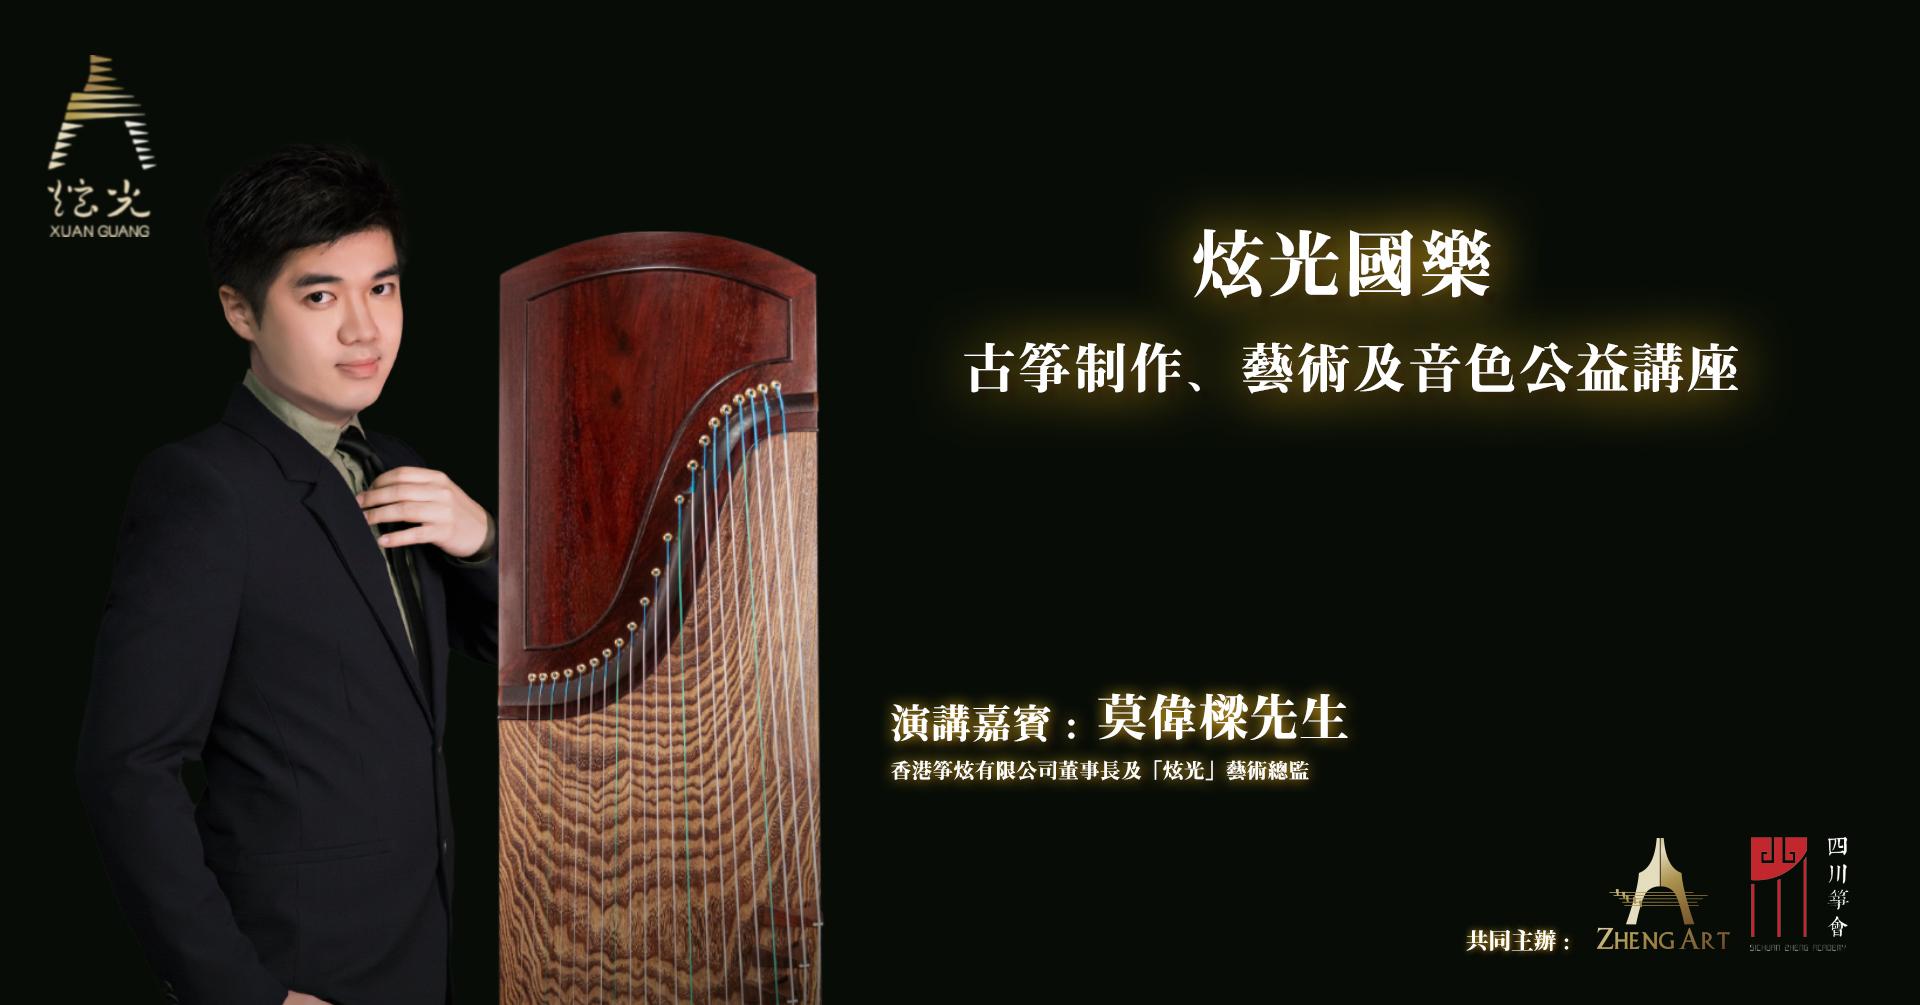 「炫光國樂」古箏製作、藝術及音色公益講座 -  四川.成都